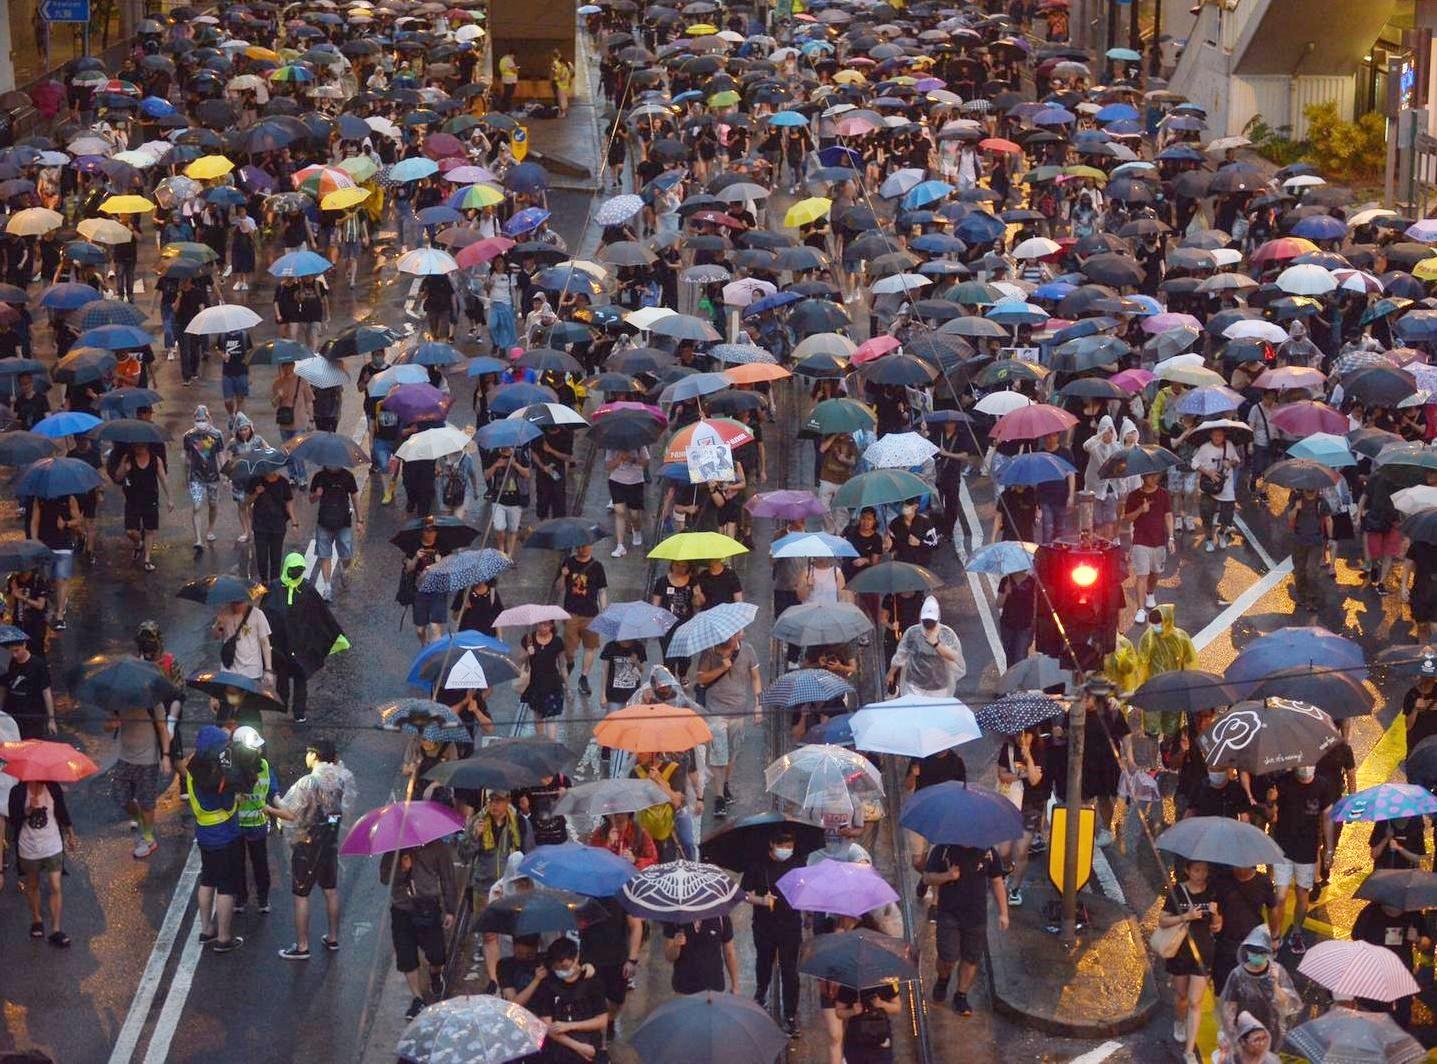 警方估計,在昨日的集會中,同一時間內出席的最高峰人數為12.8萬人。資料圖片